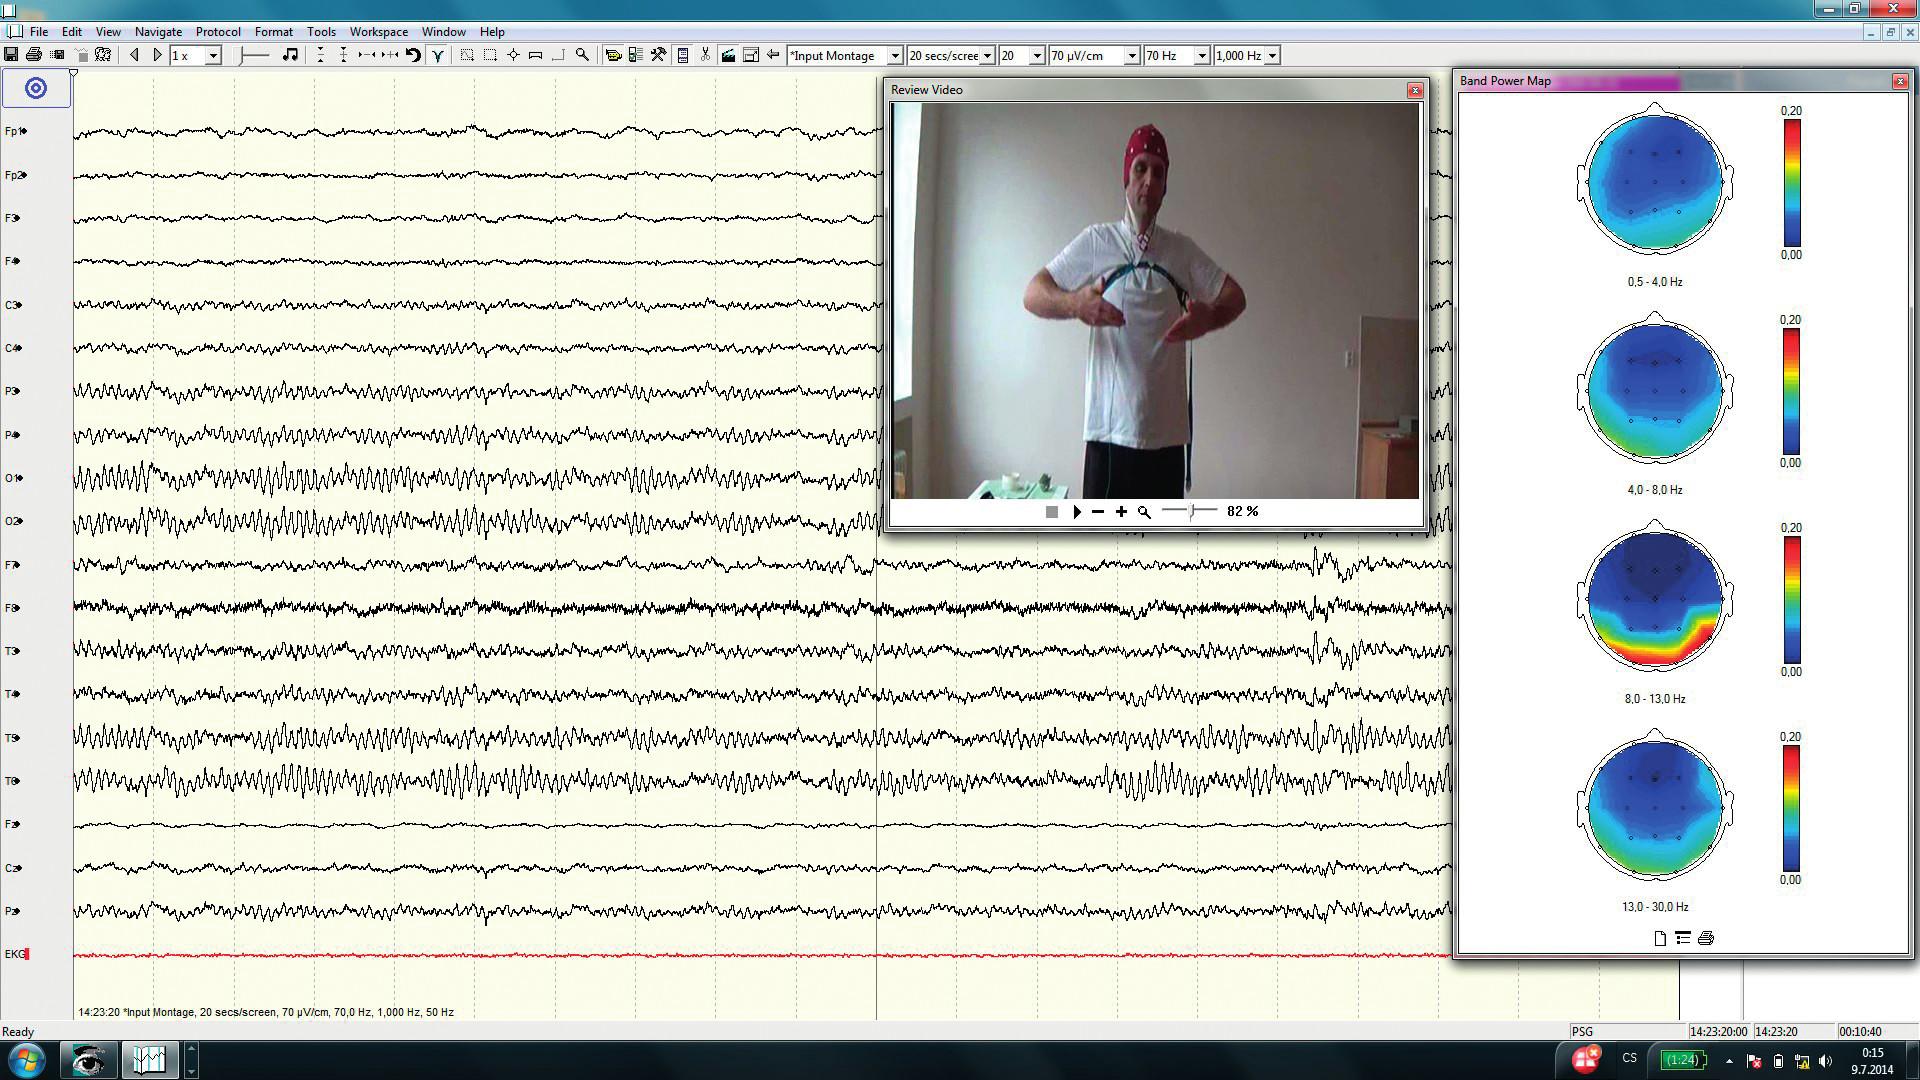 Ukázka cvičení při zavřených očích, v EEG se objevuje alfa aktivita nad zadními kvadranty. Frekvenční brain mapping zobrazuje topografické rozložení alfa aktivity v okcipitálních oblastech.